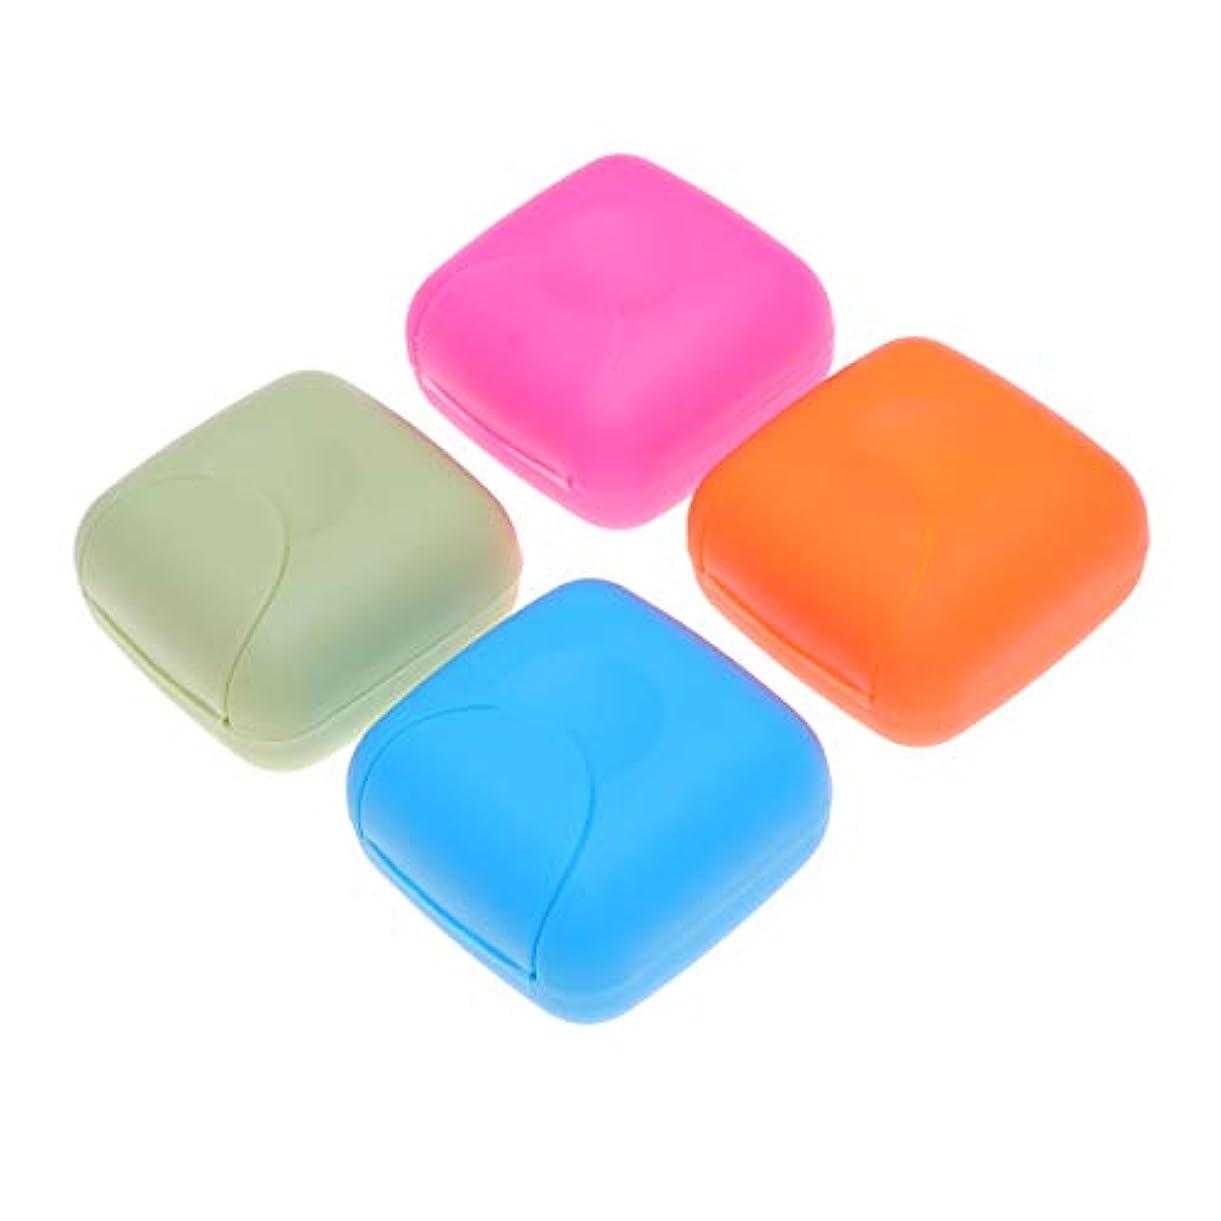 ダブルボイコット反発するHealifty ソープボックスポータブルソープディッシュソープケース4本(ブルー、ロージー、オレンジ、ピンク)